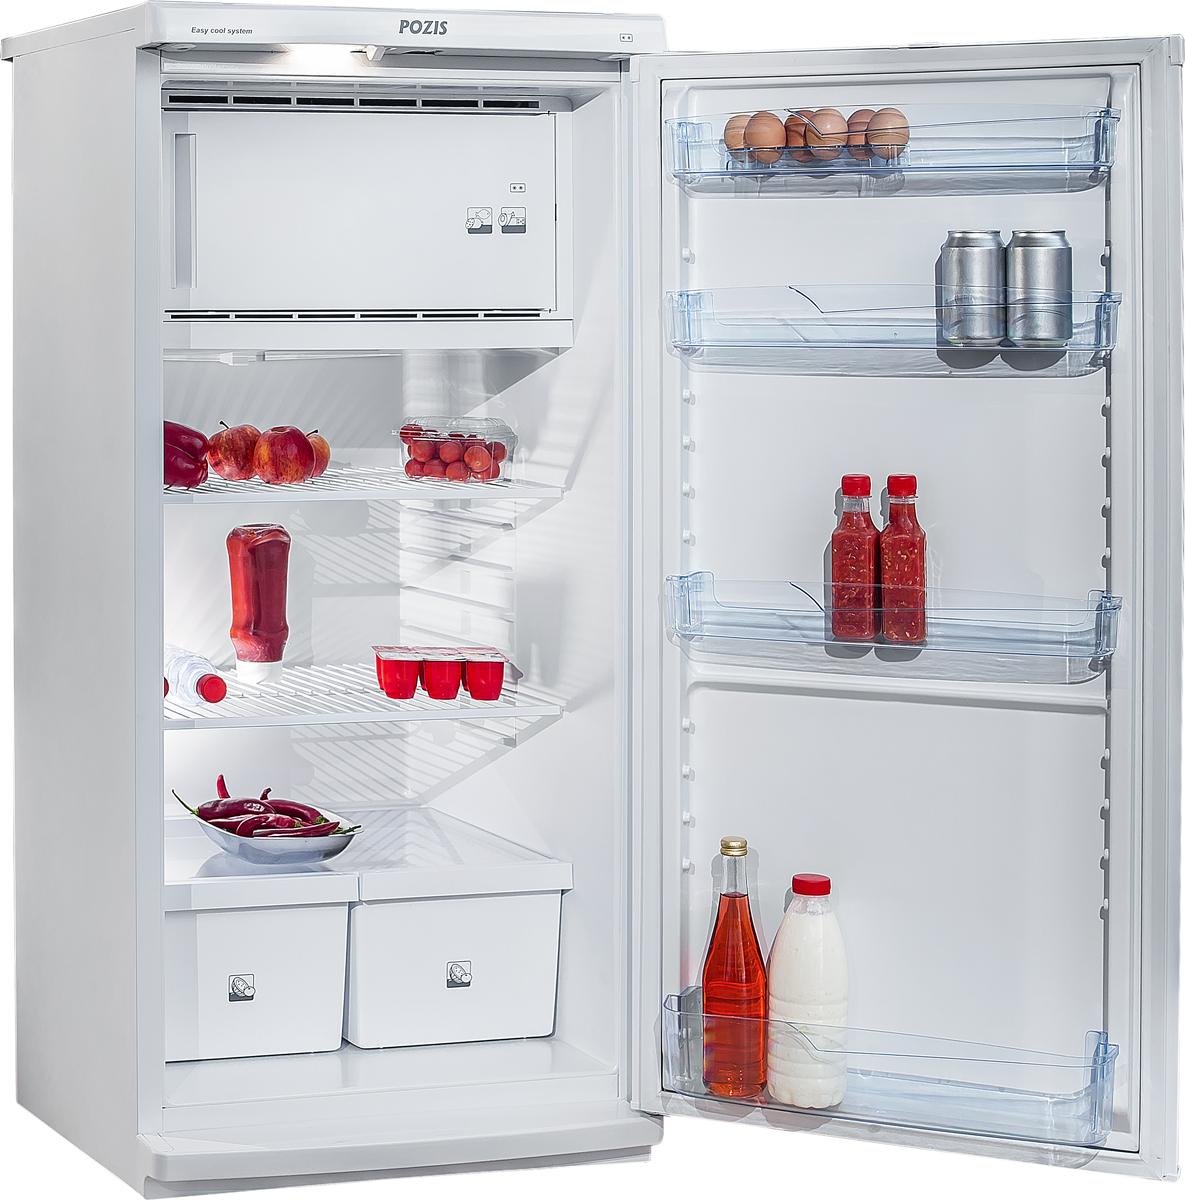 PozisСВИЯГА-404-1, Beige холодильник Pozis